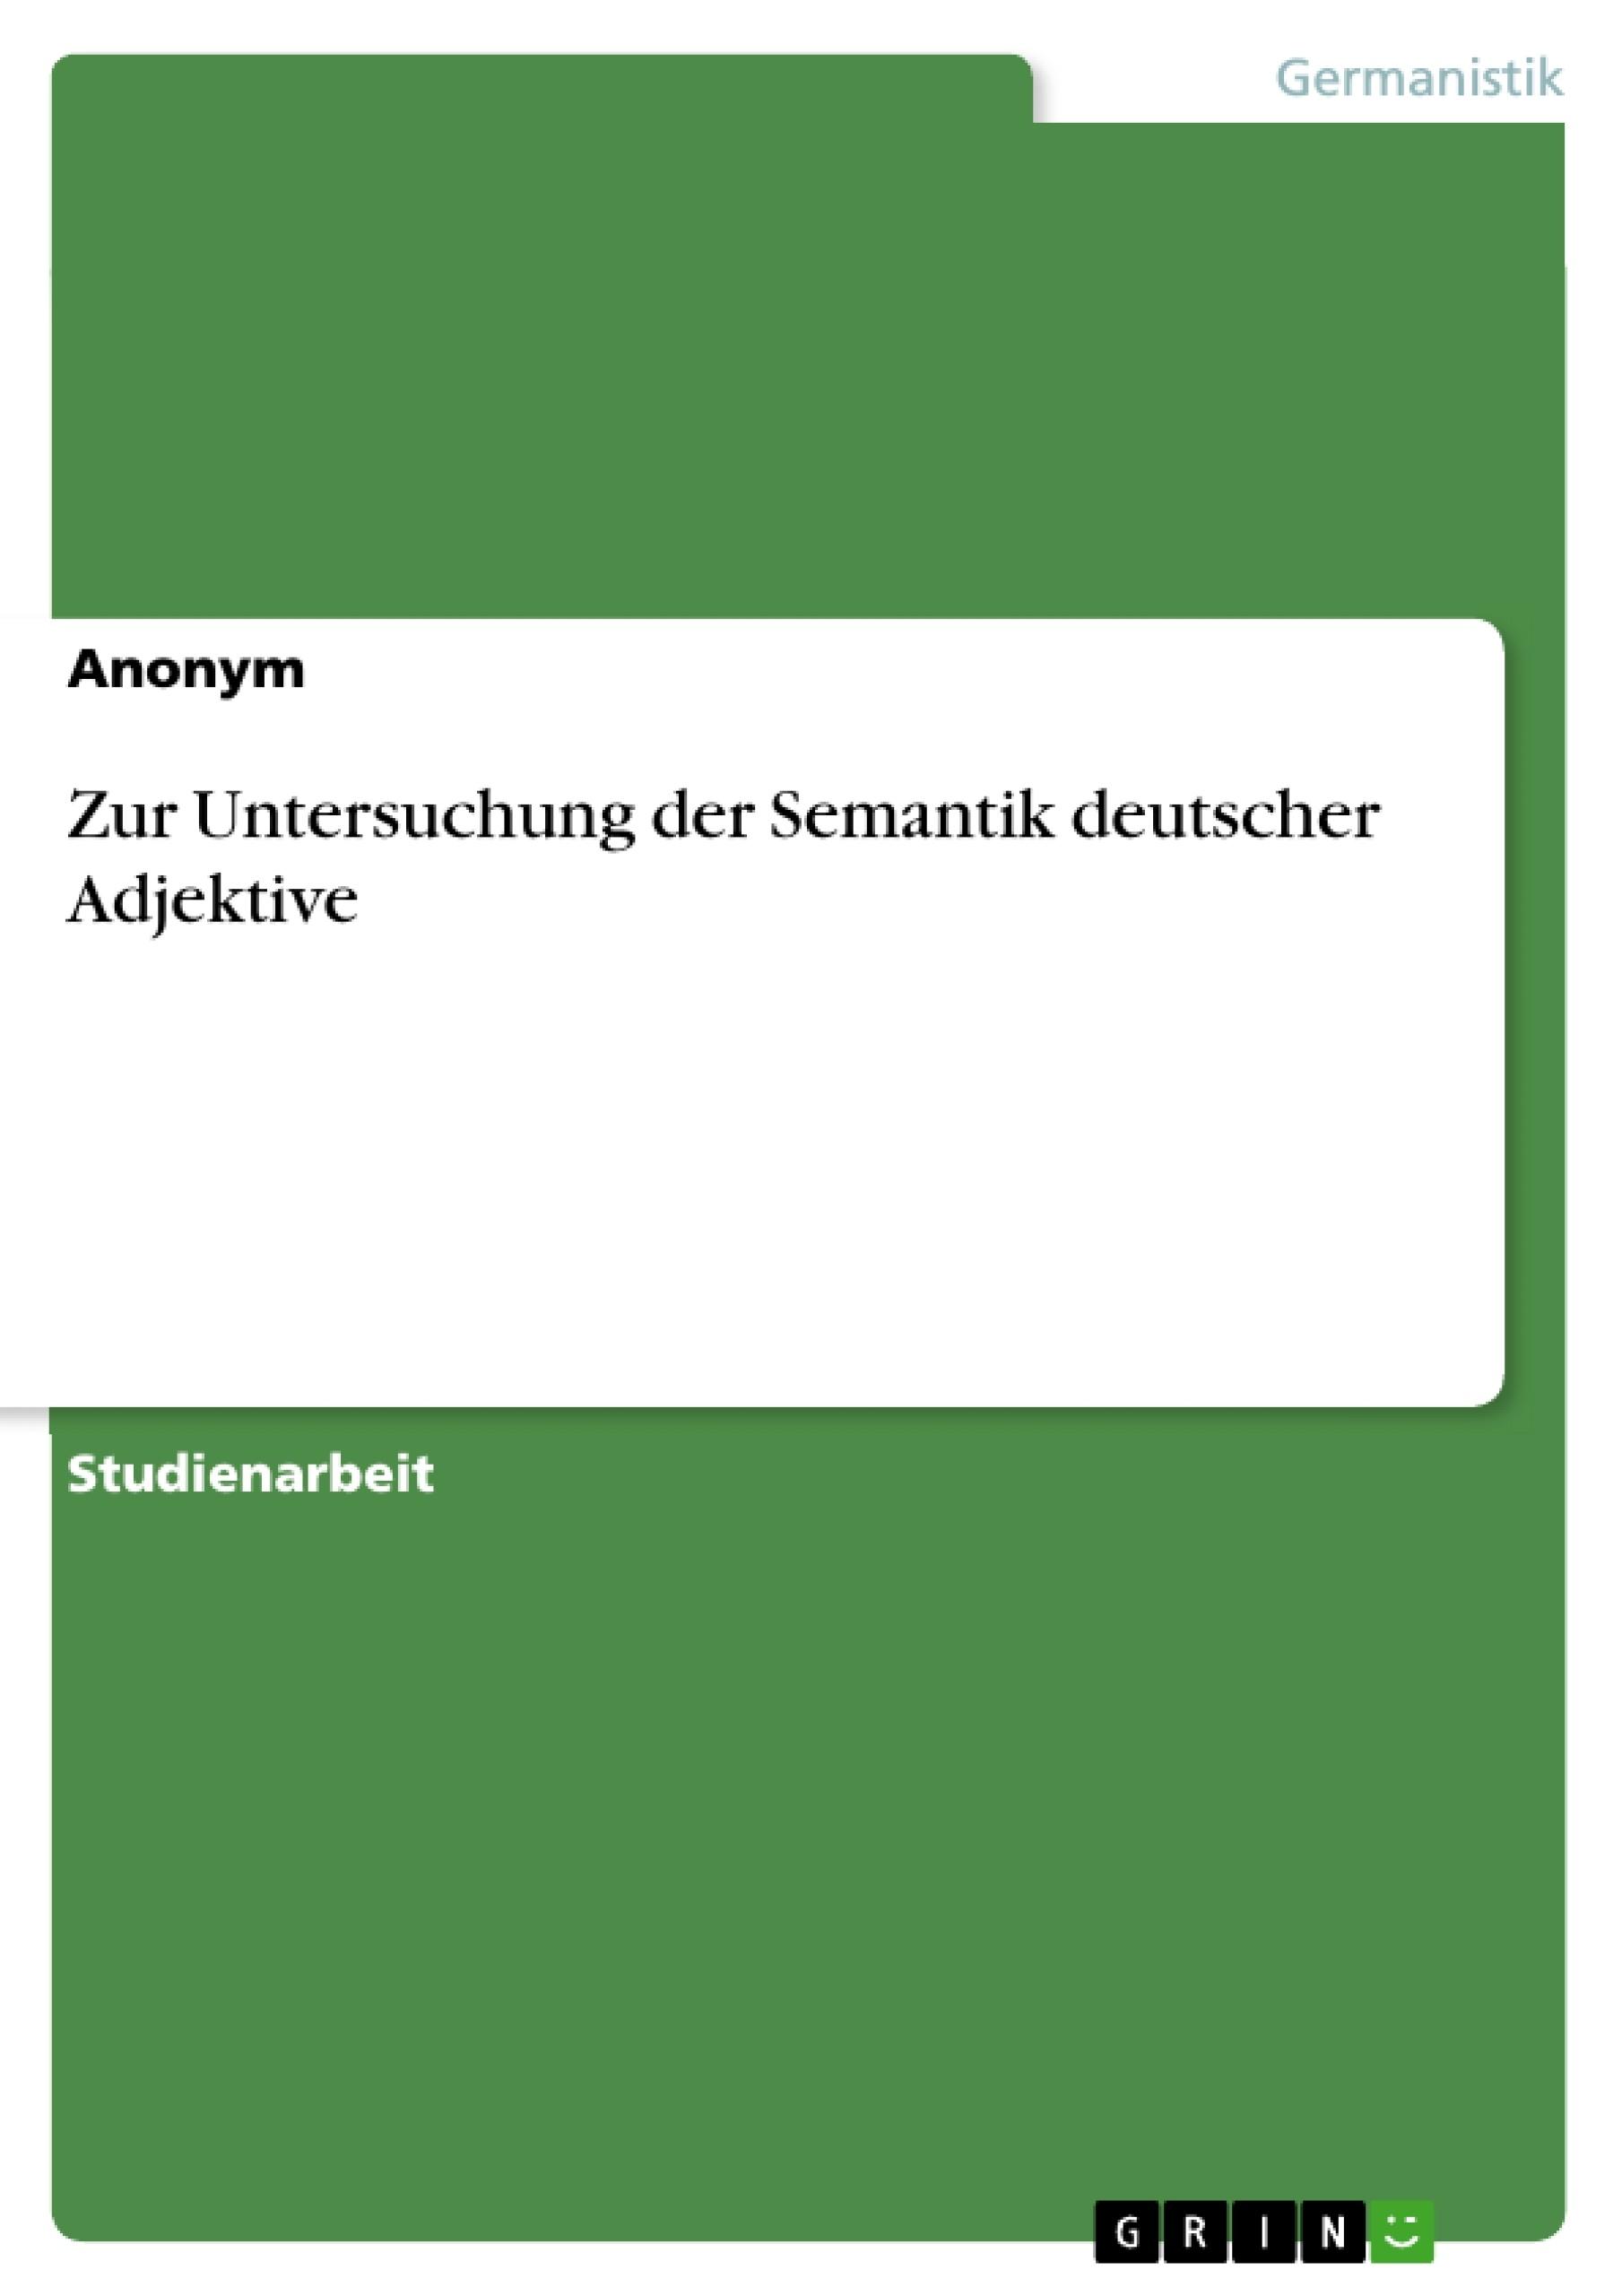 Titel: Zur Untersuchung der Semantik deutscher Adjektive